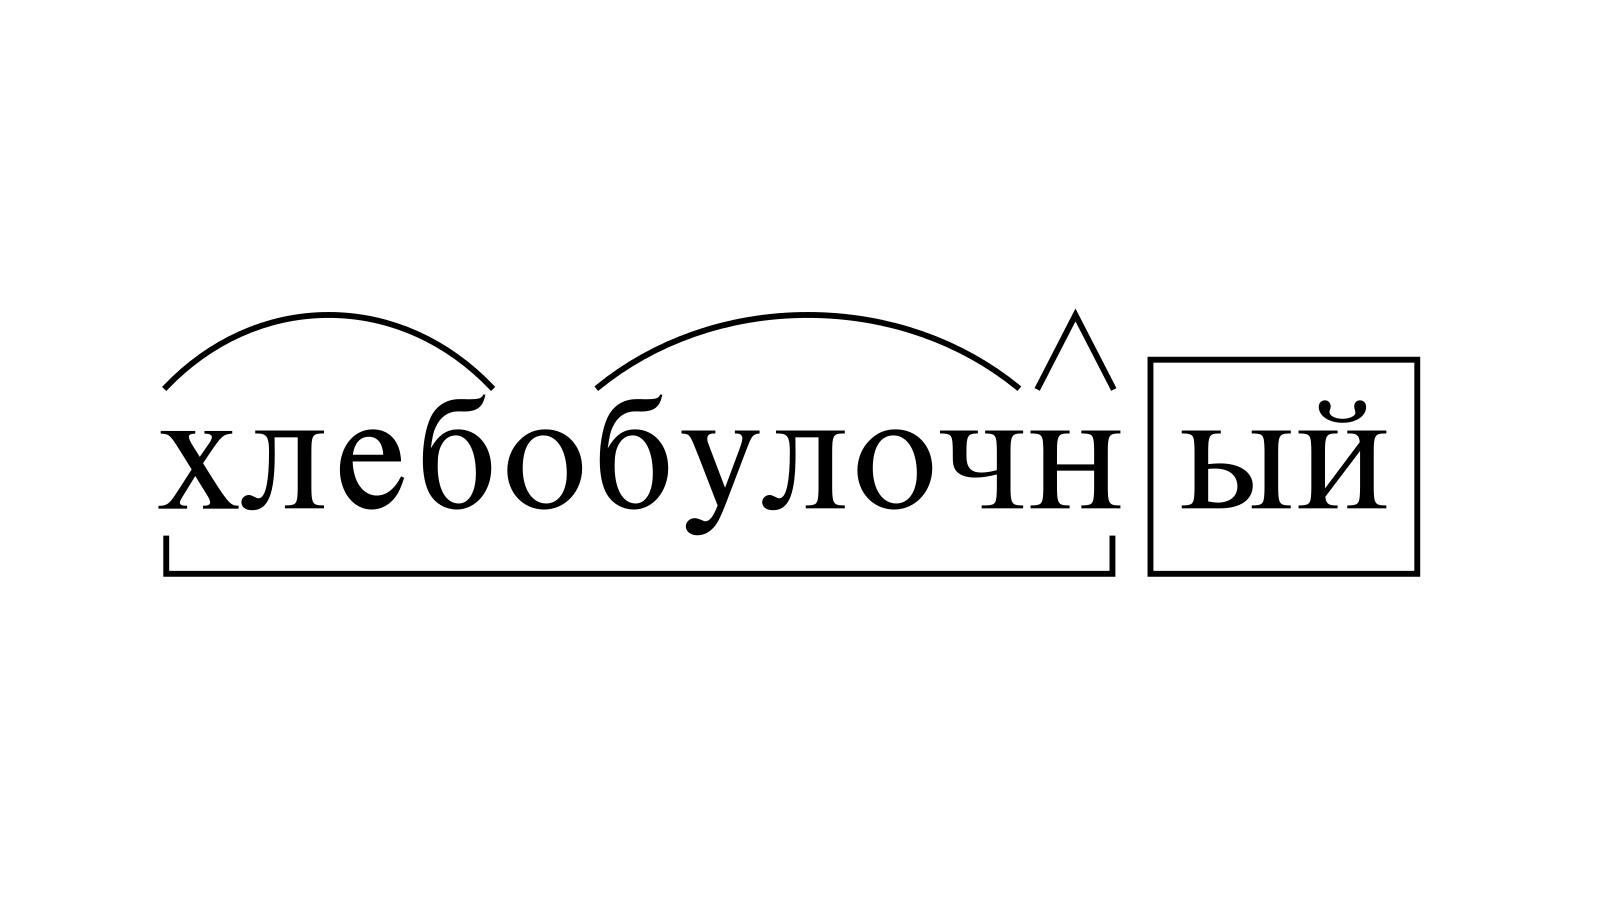 Разбор слова «хлебобулочный» по составу